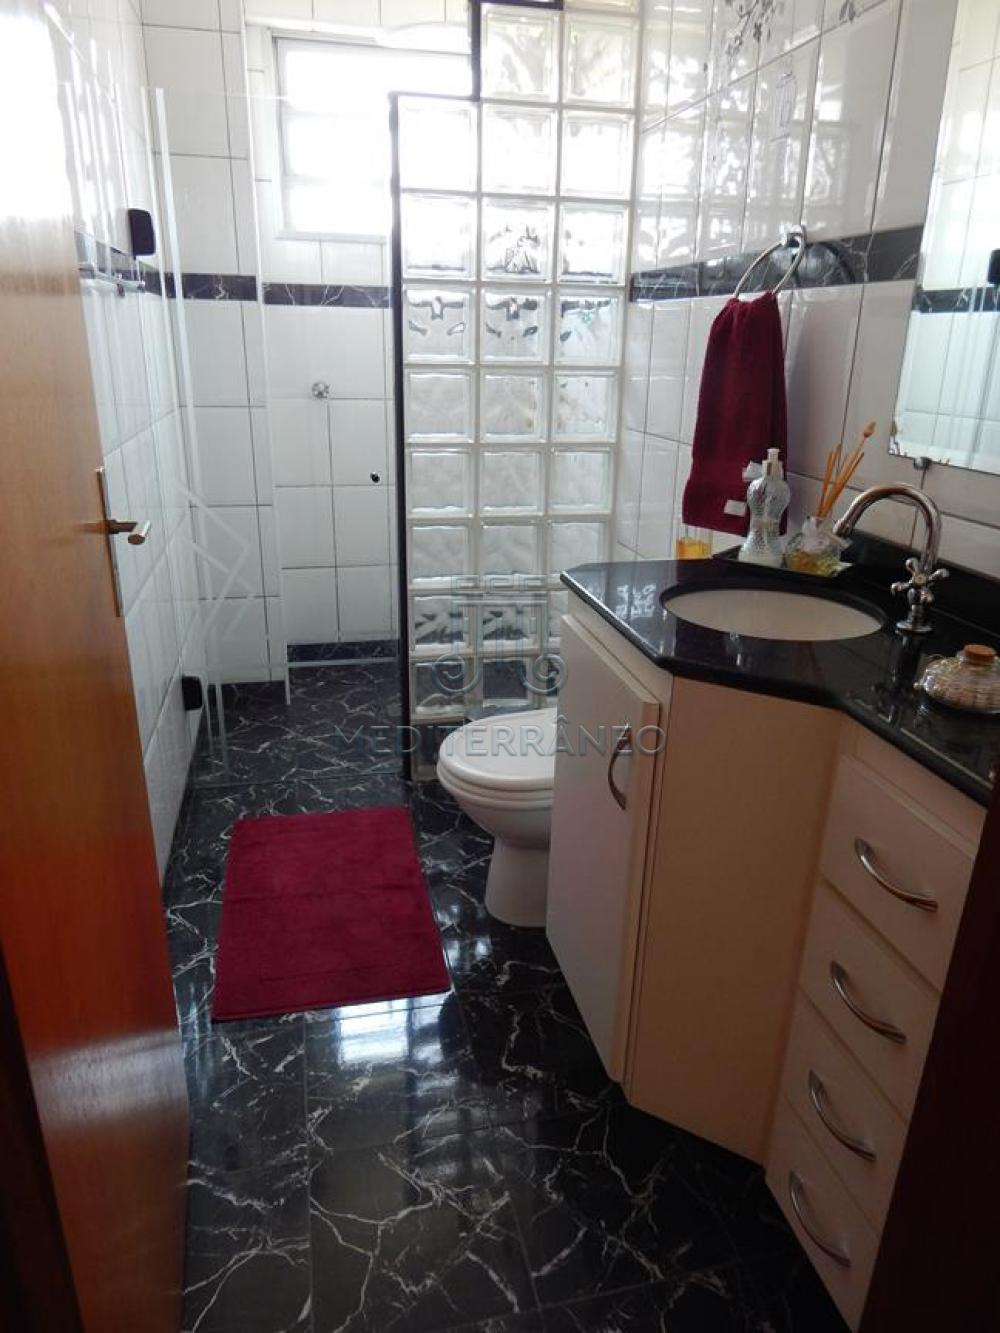 Comprar Apartamento / Padrão em Jundiaí apenas R$ 260.000,00 - Foto 10